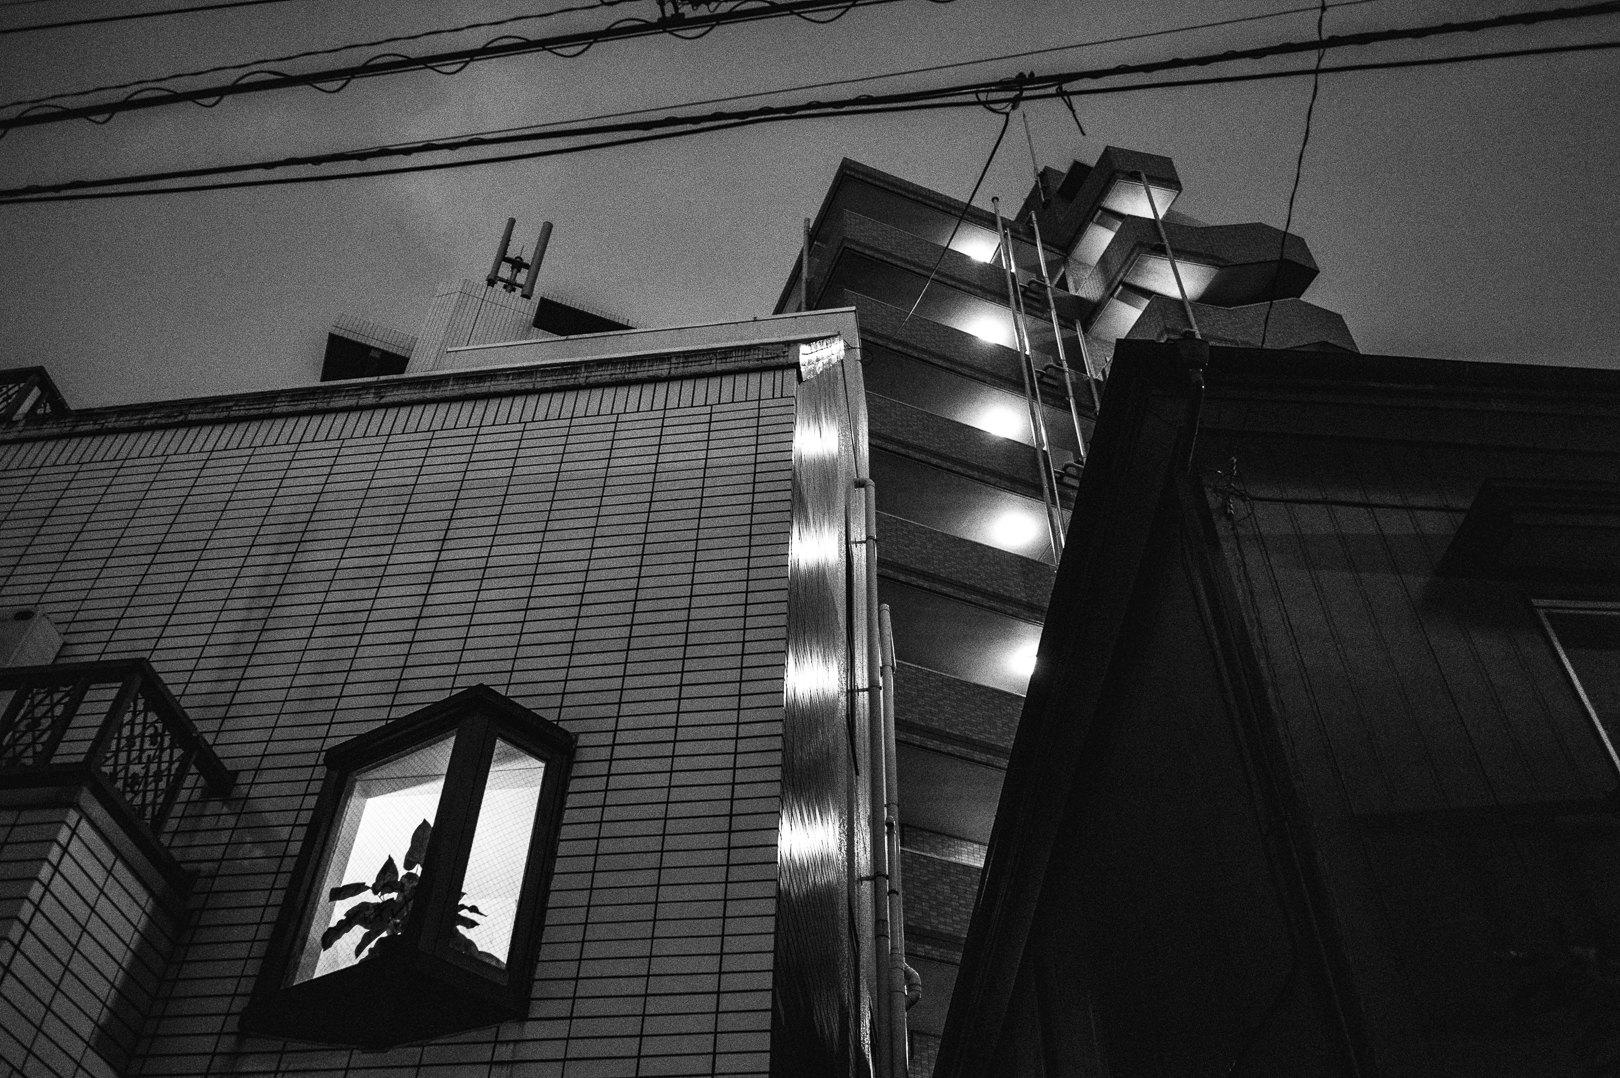 Higashimukojima, Tokyo